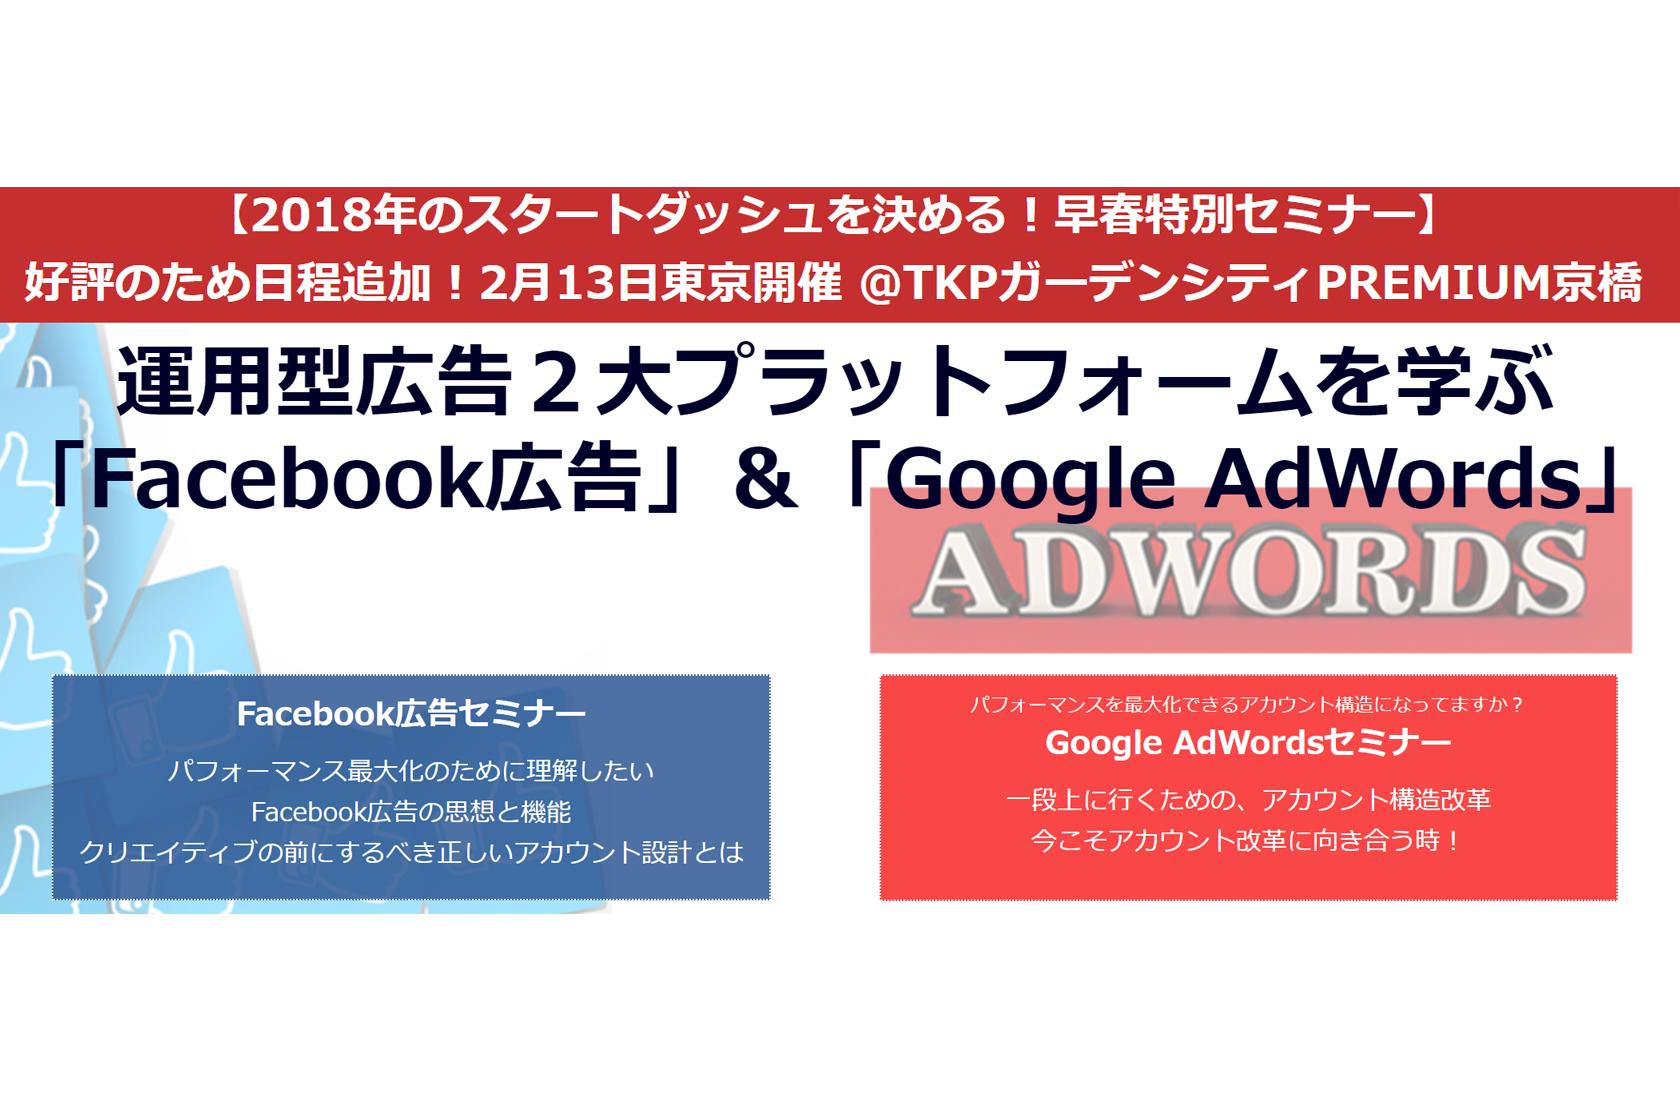 2018年2月13日好評につき開催決定!『運用型広告の2大プラットフォームをおさらい!Facebook広告&Google AdWords』